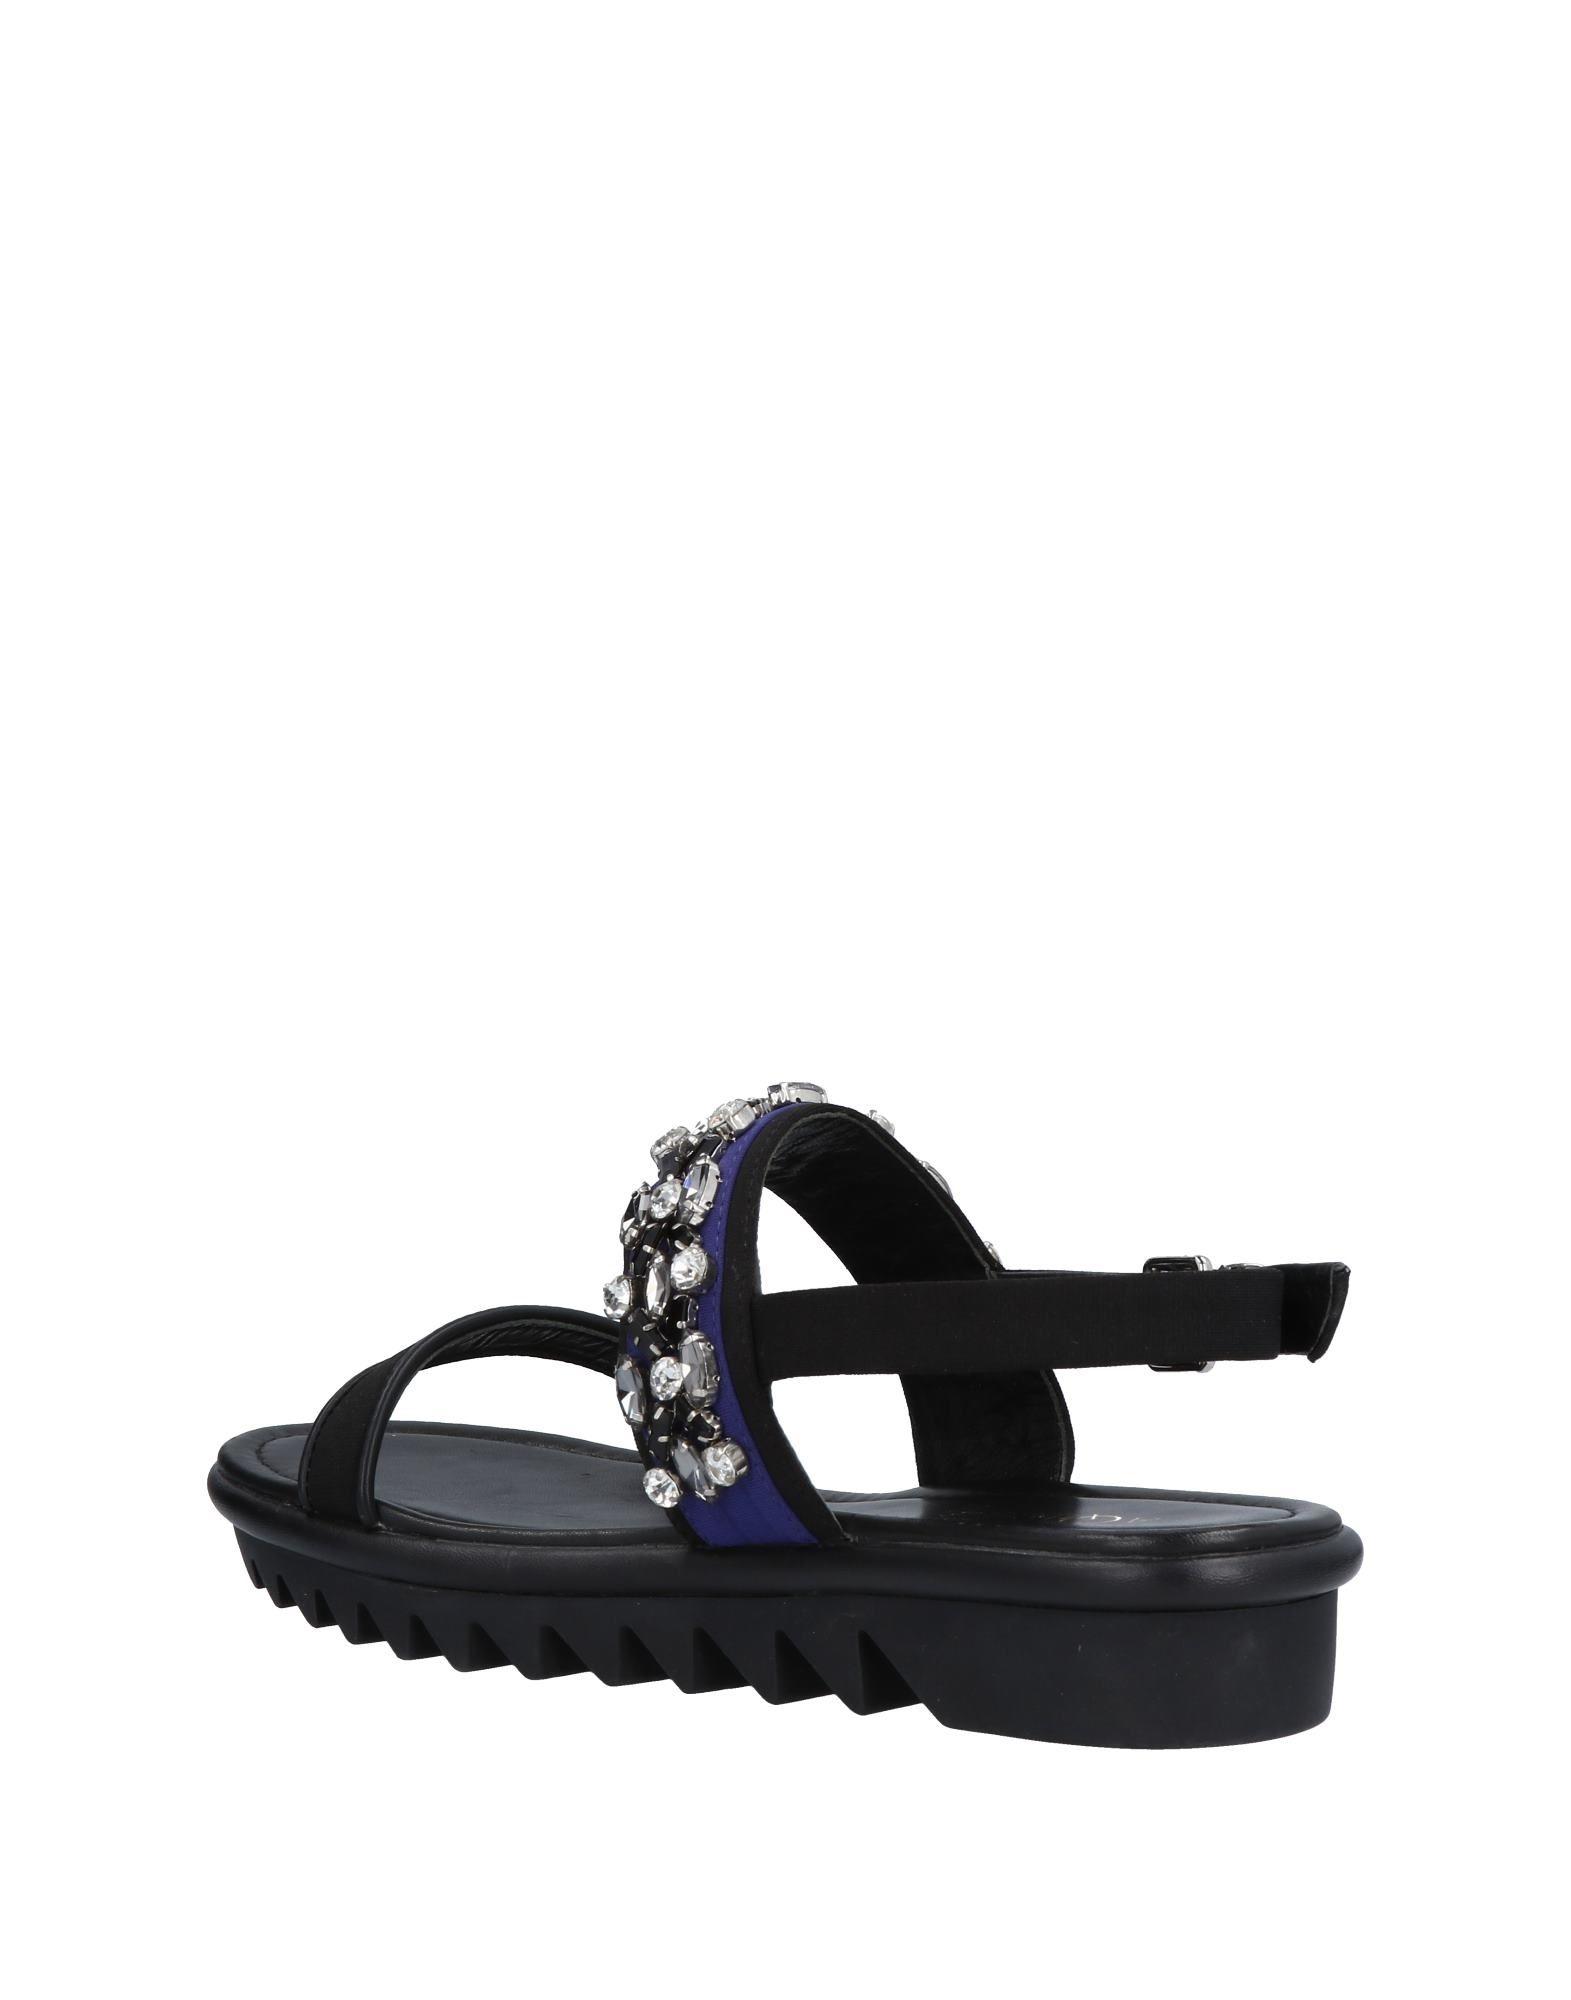 Aquarelle Sandalen Damen  11473384IJ Gute Qualität beliebte Schuhe